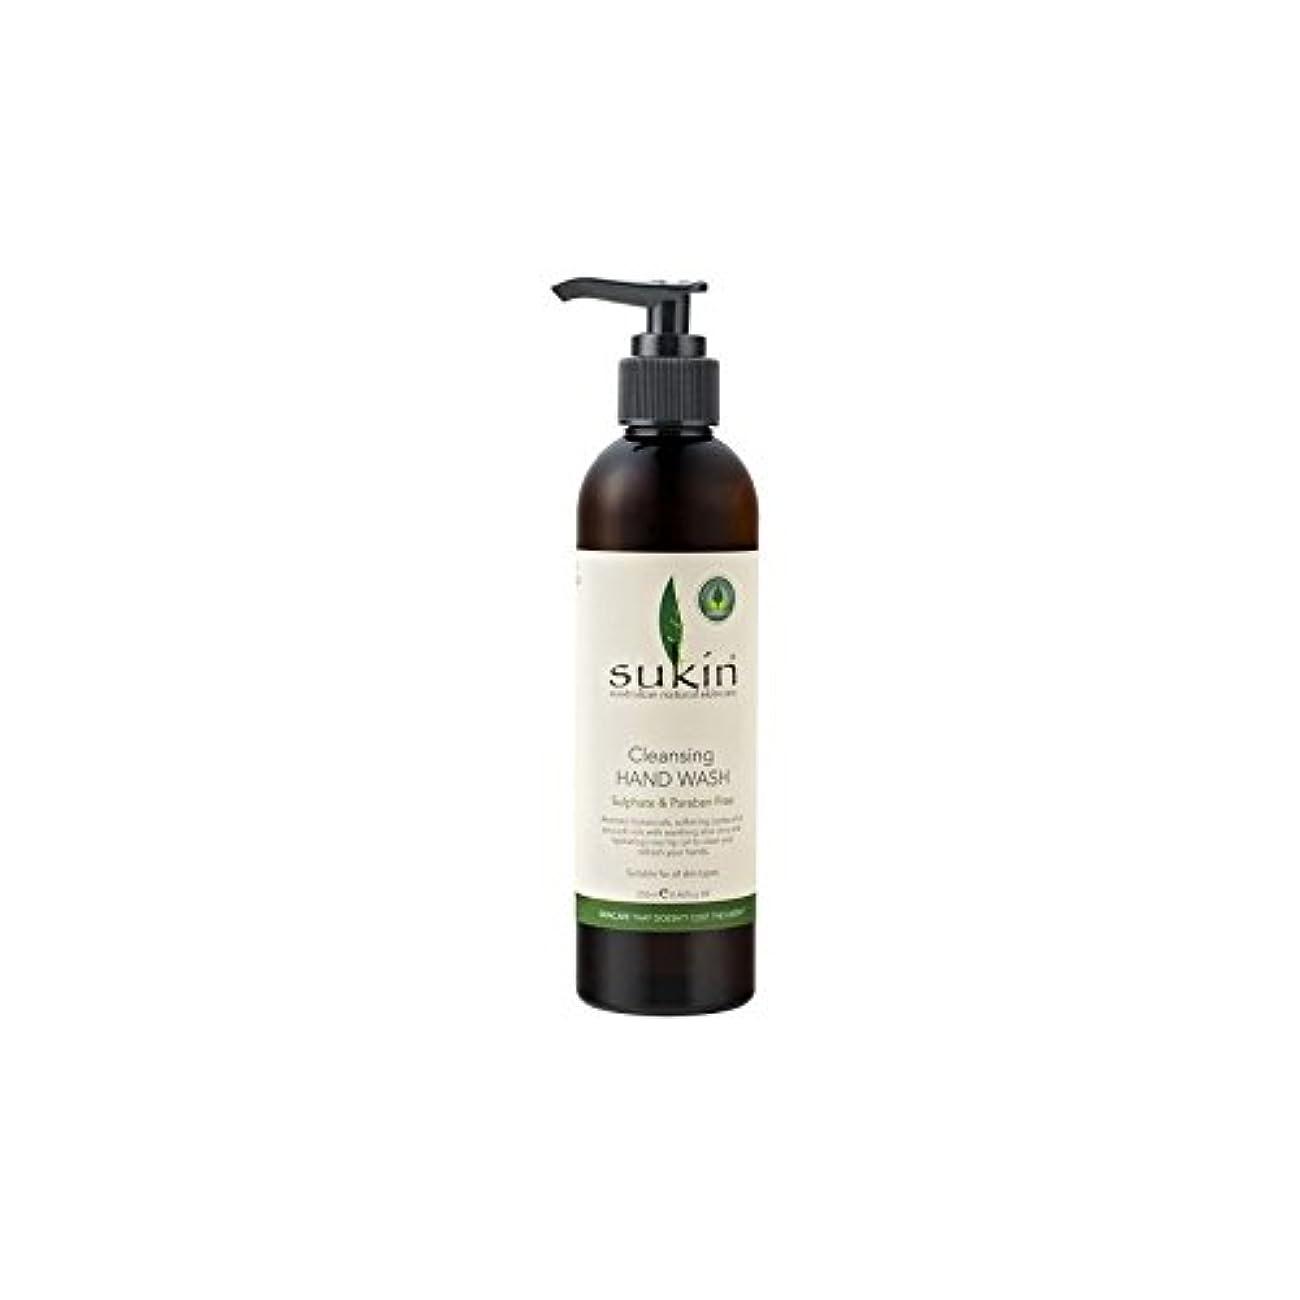 ジェム無駄に軽減Sukin Cleansing Hand Wash (250ml) - クレンジングハンドウォッシュ(250ミリリットル) [並行輸入品]